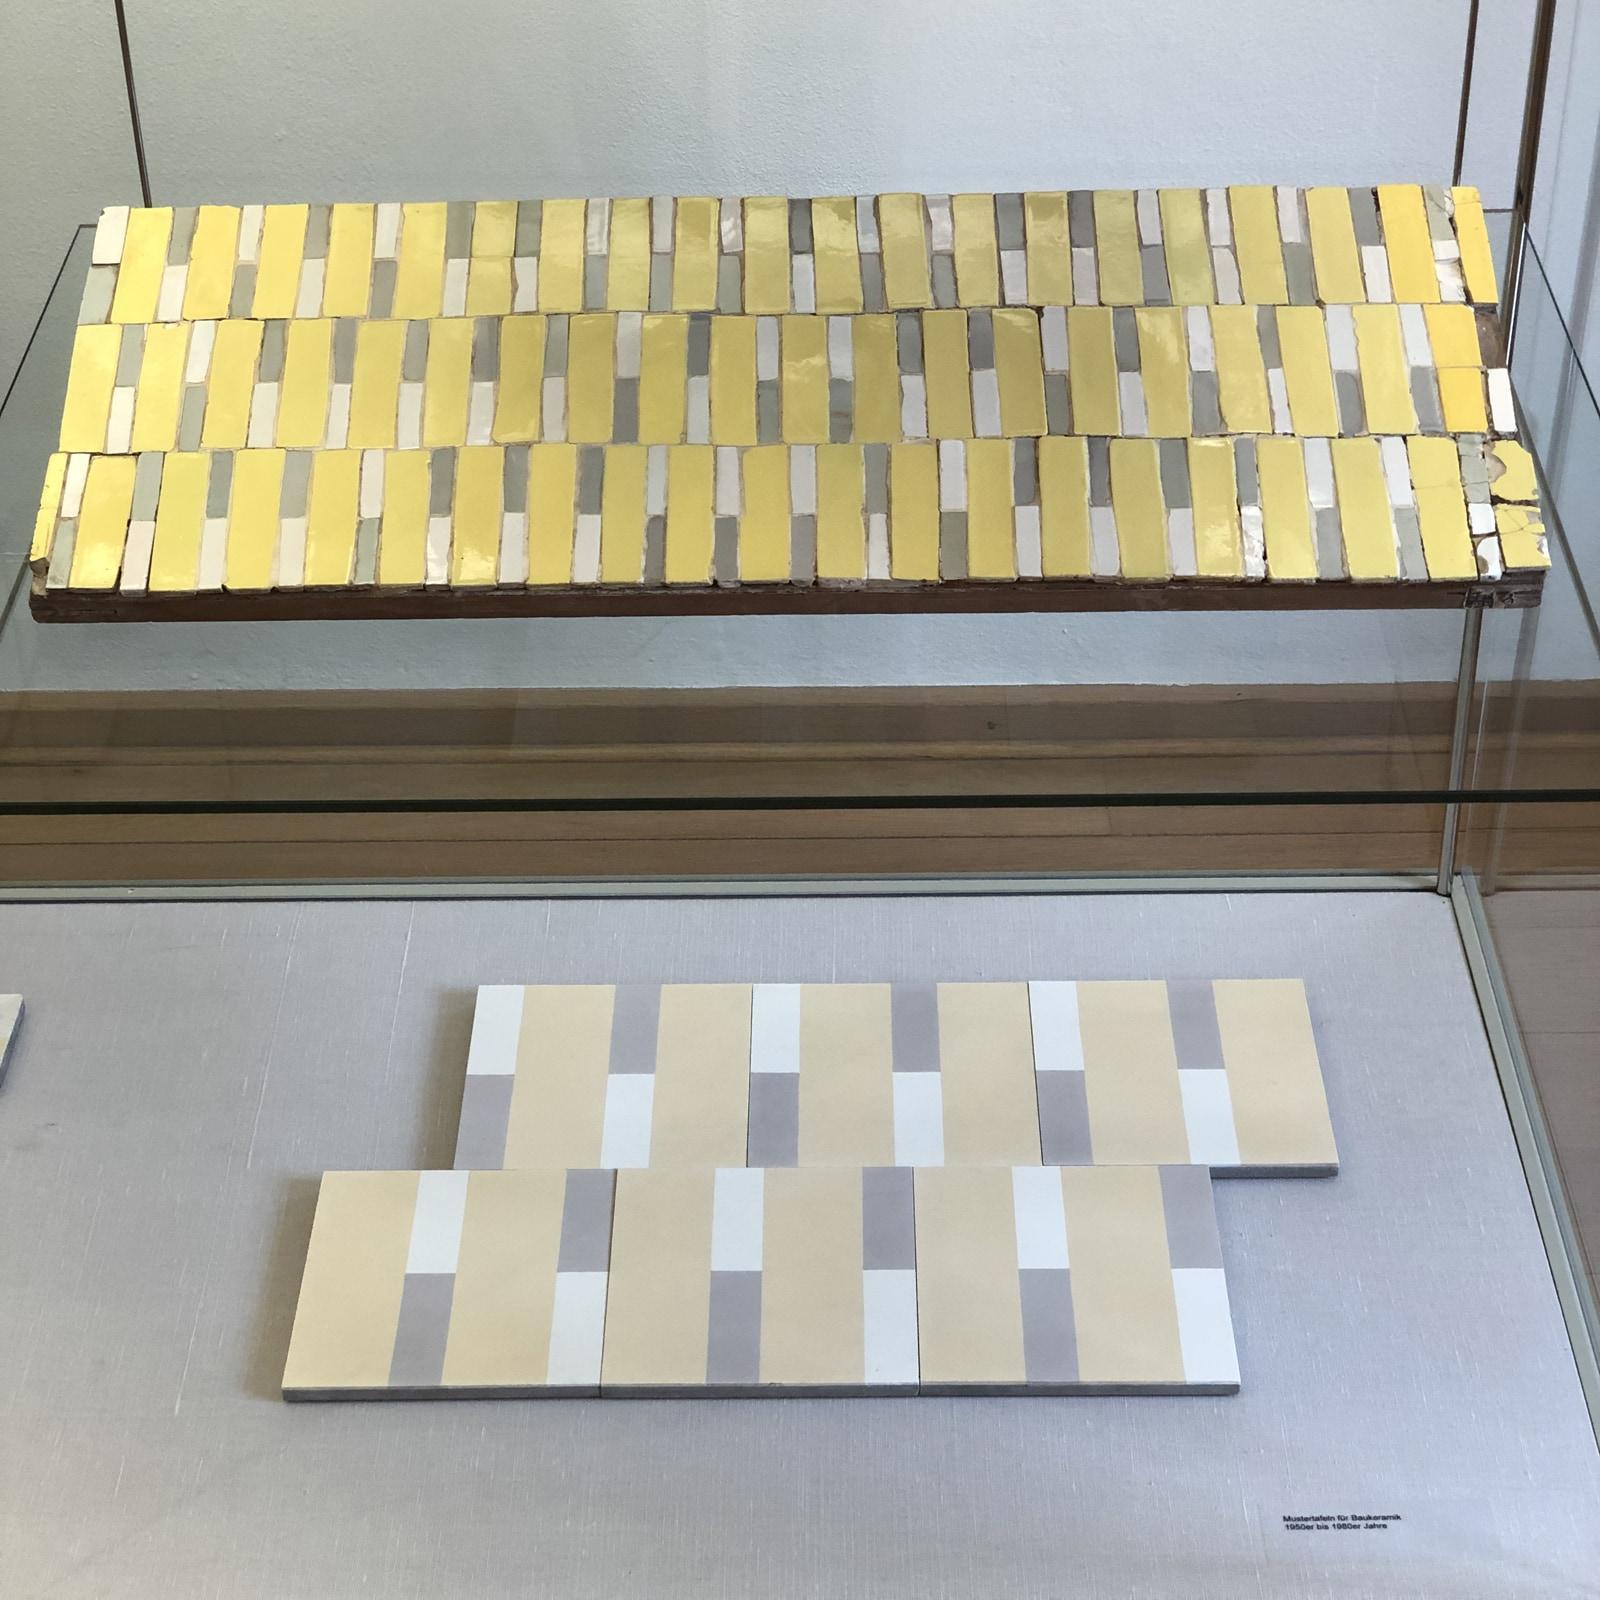 zementfliesen-hedwig-bollhagen-zementmosaikplatten-museum-via-gmbh-02